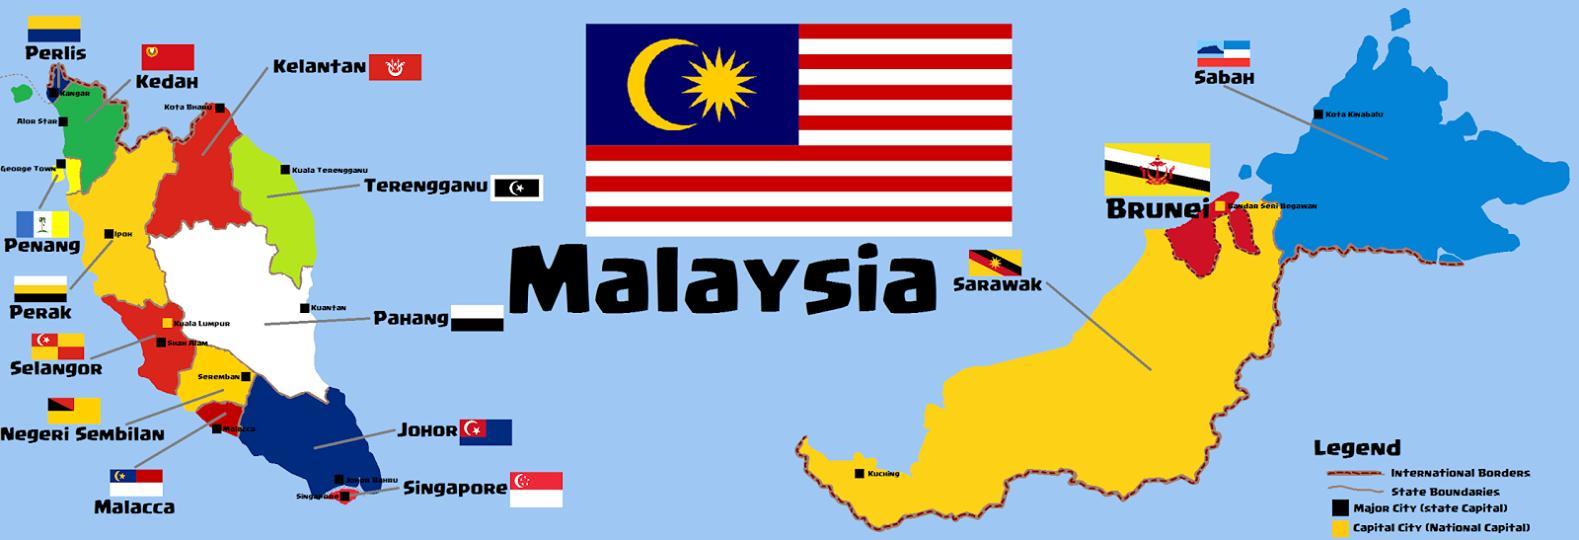 Mua hộ- Vận chuyển- Chuyển tiền 2 chiều Việt Nam & Malaysia